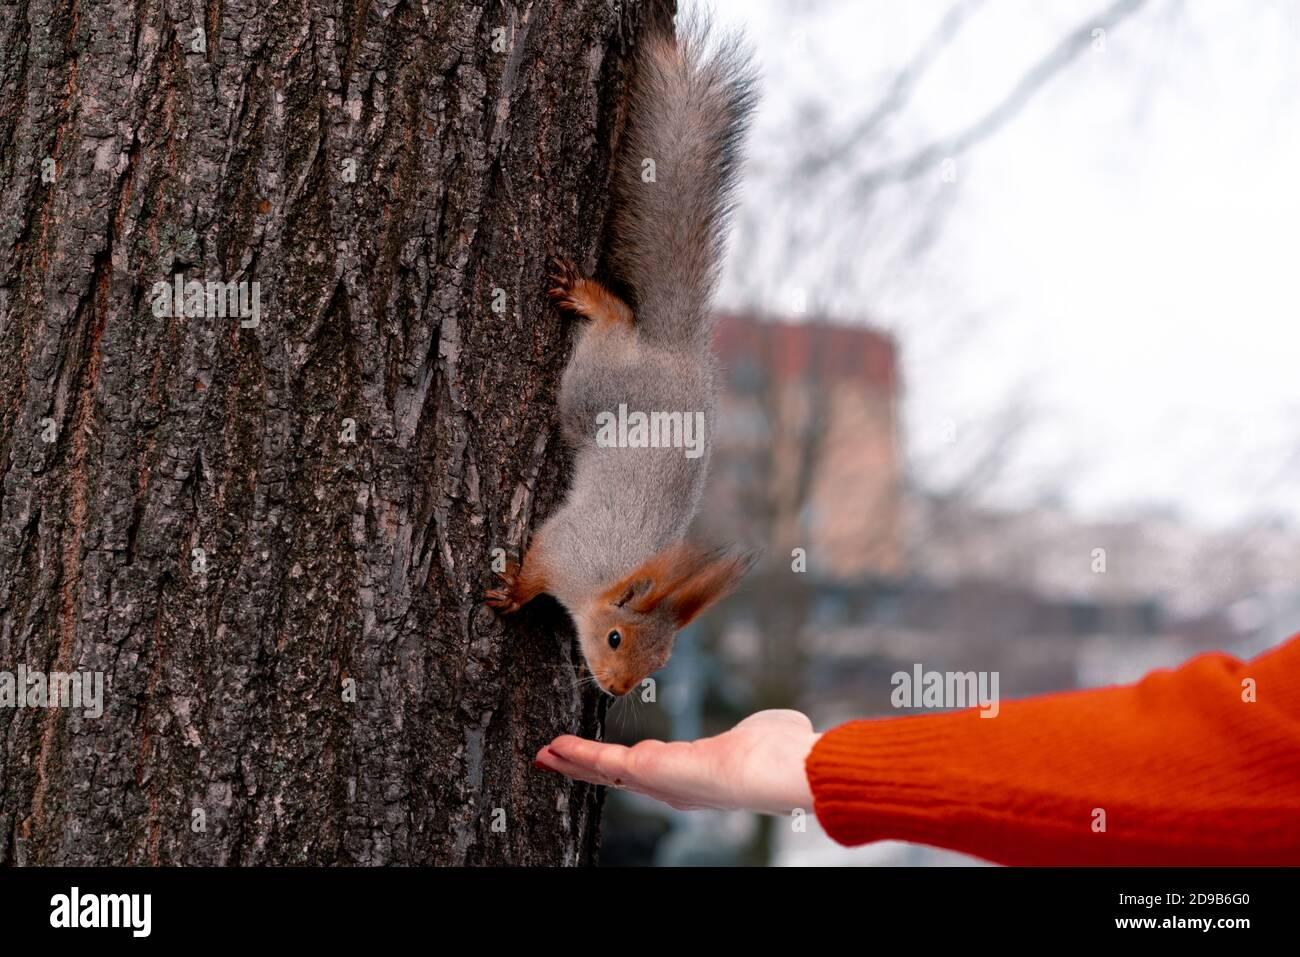 Femme Senior Alimentation Squirrel En Parc Après L'Exercice Matinal Et La Course. Détente Et Mode De Vie Actif Au Moyen-Âge. Banque D'Images